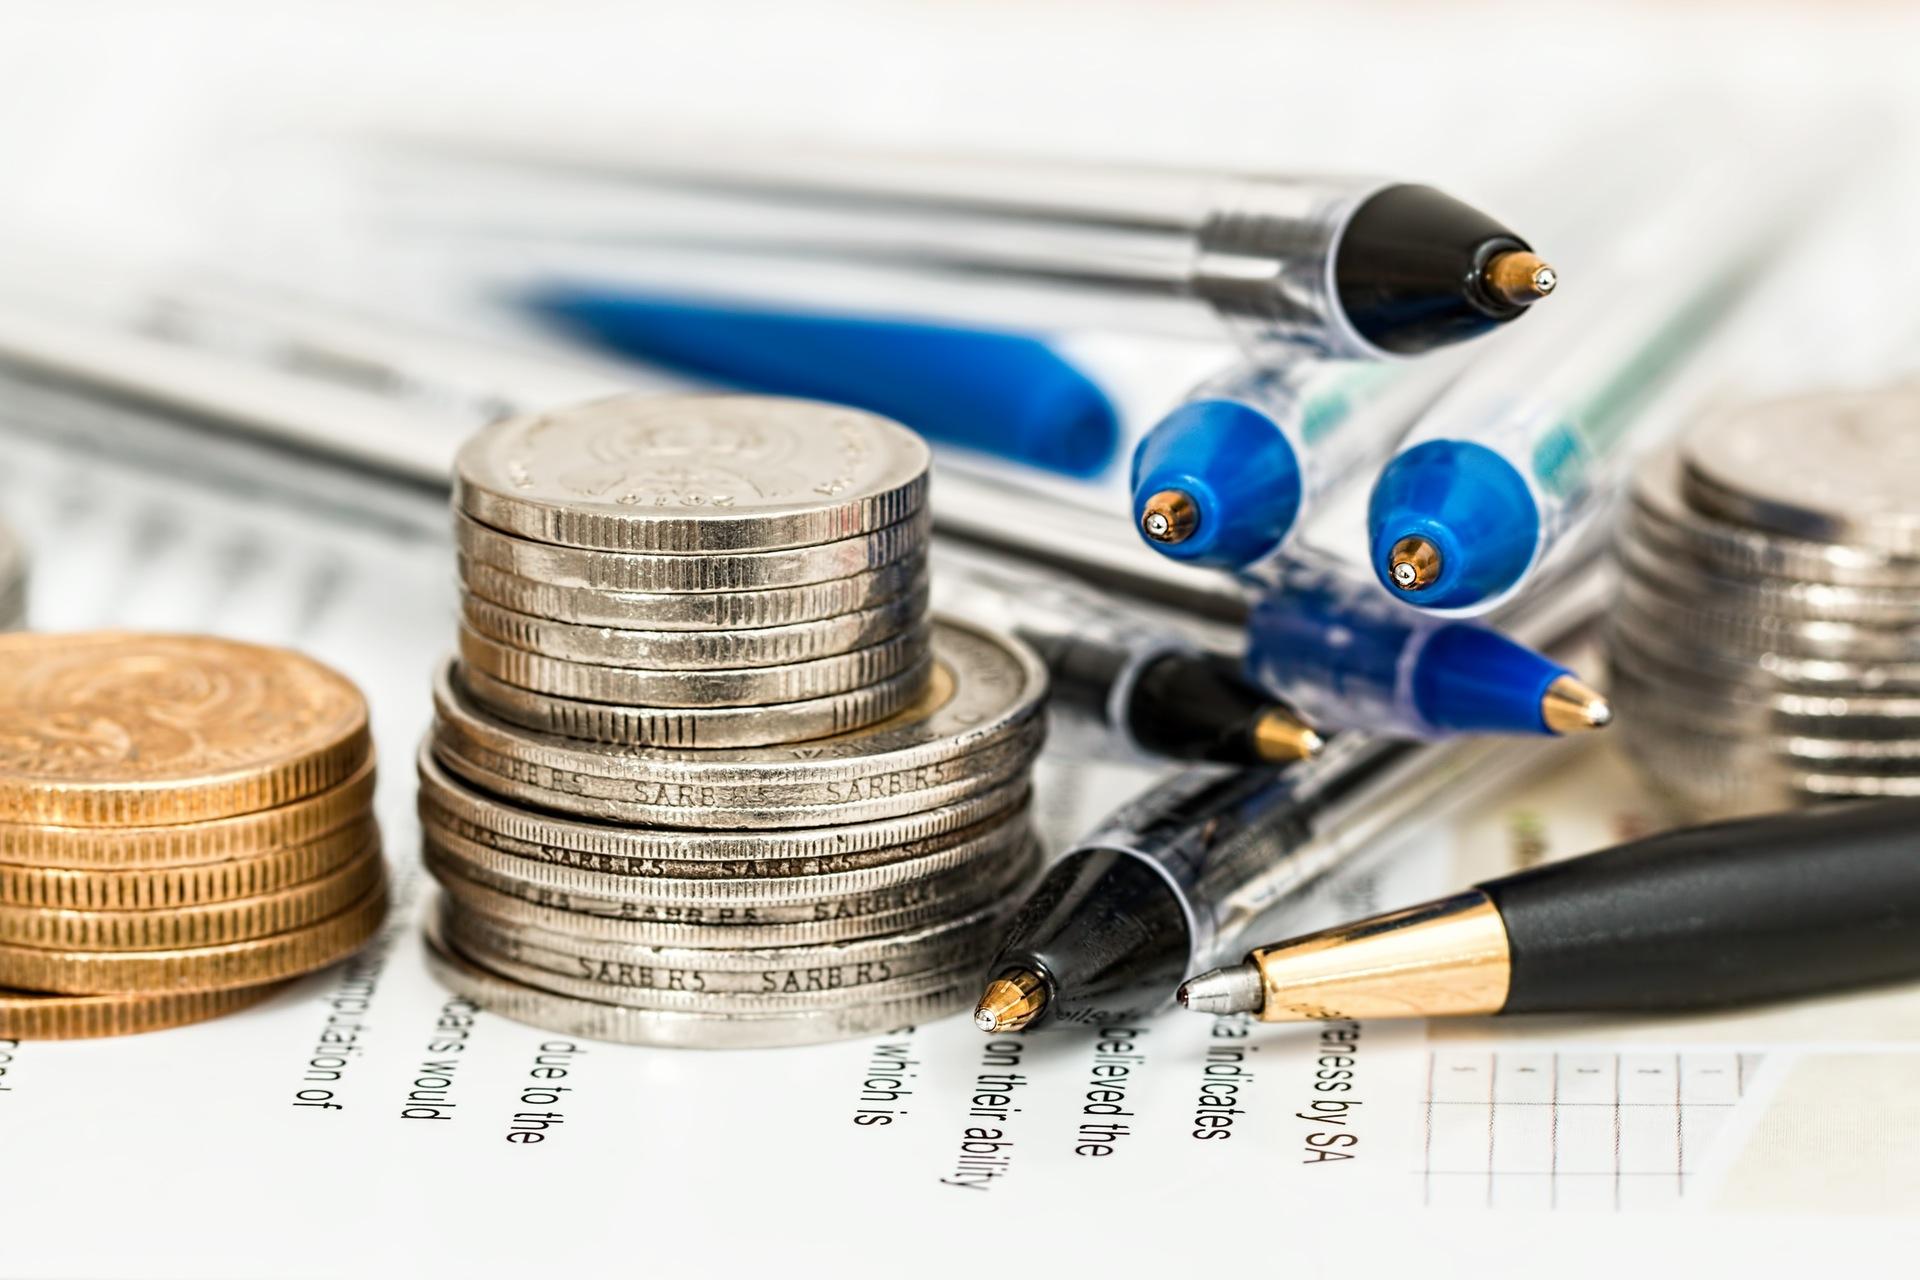 Geld-Kosten-Preis-IR-Marke-Markenanmeldung